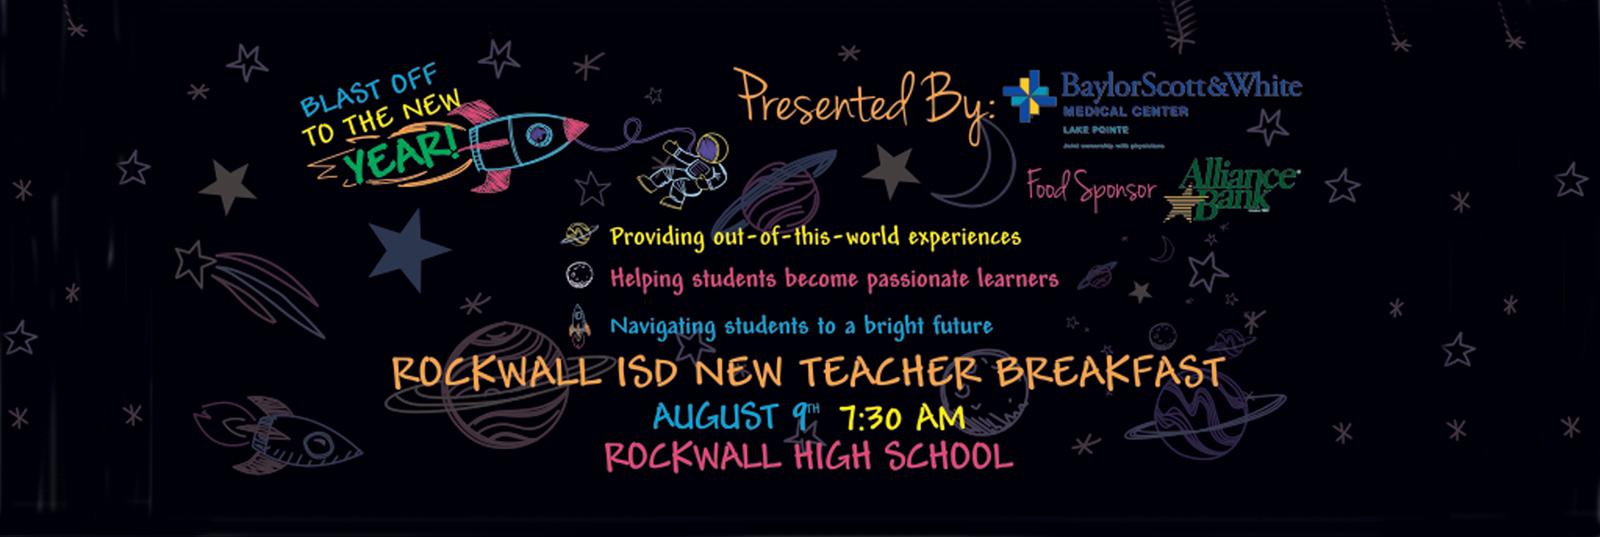 2017-teacher-breakfast.jpg